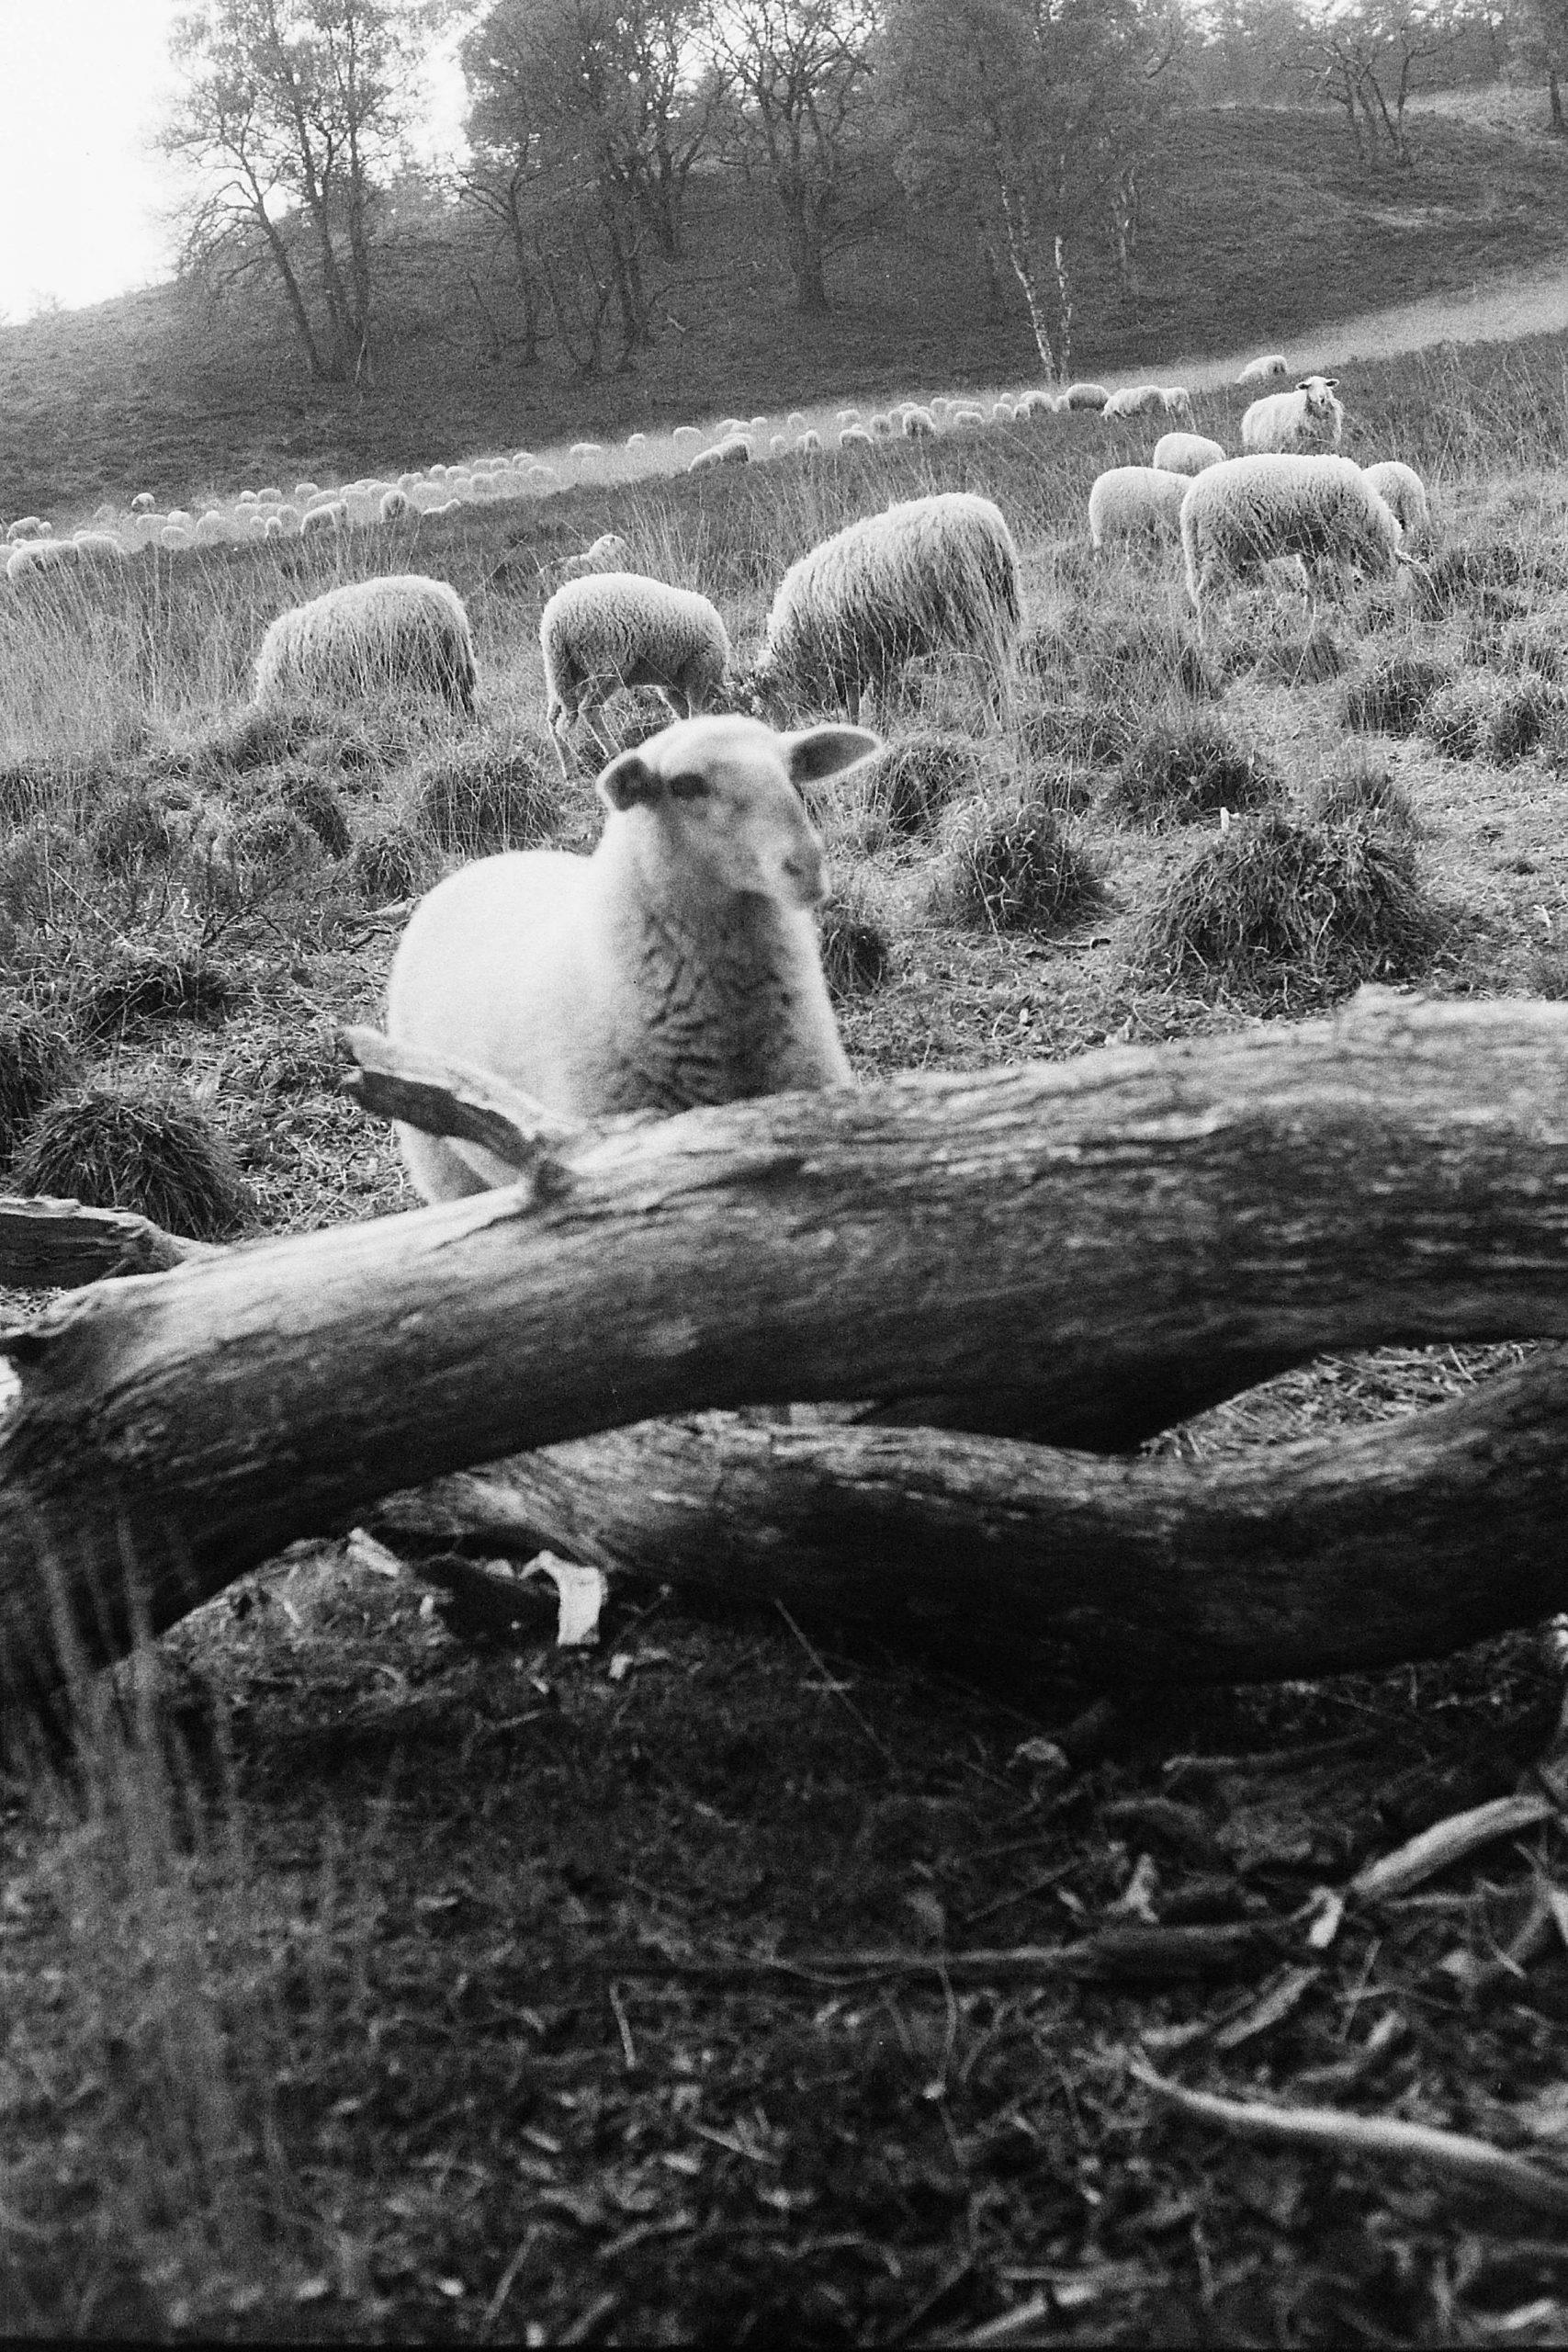 schapen-jagen_8